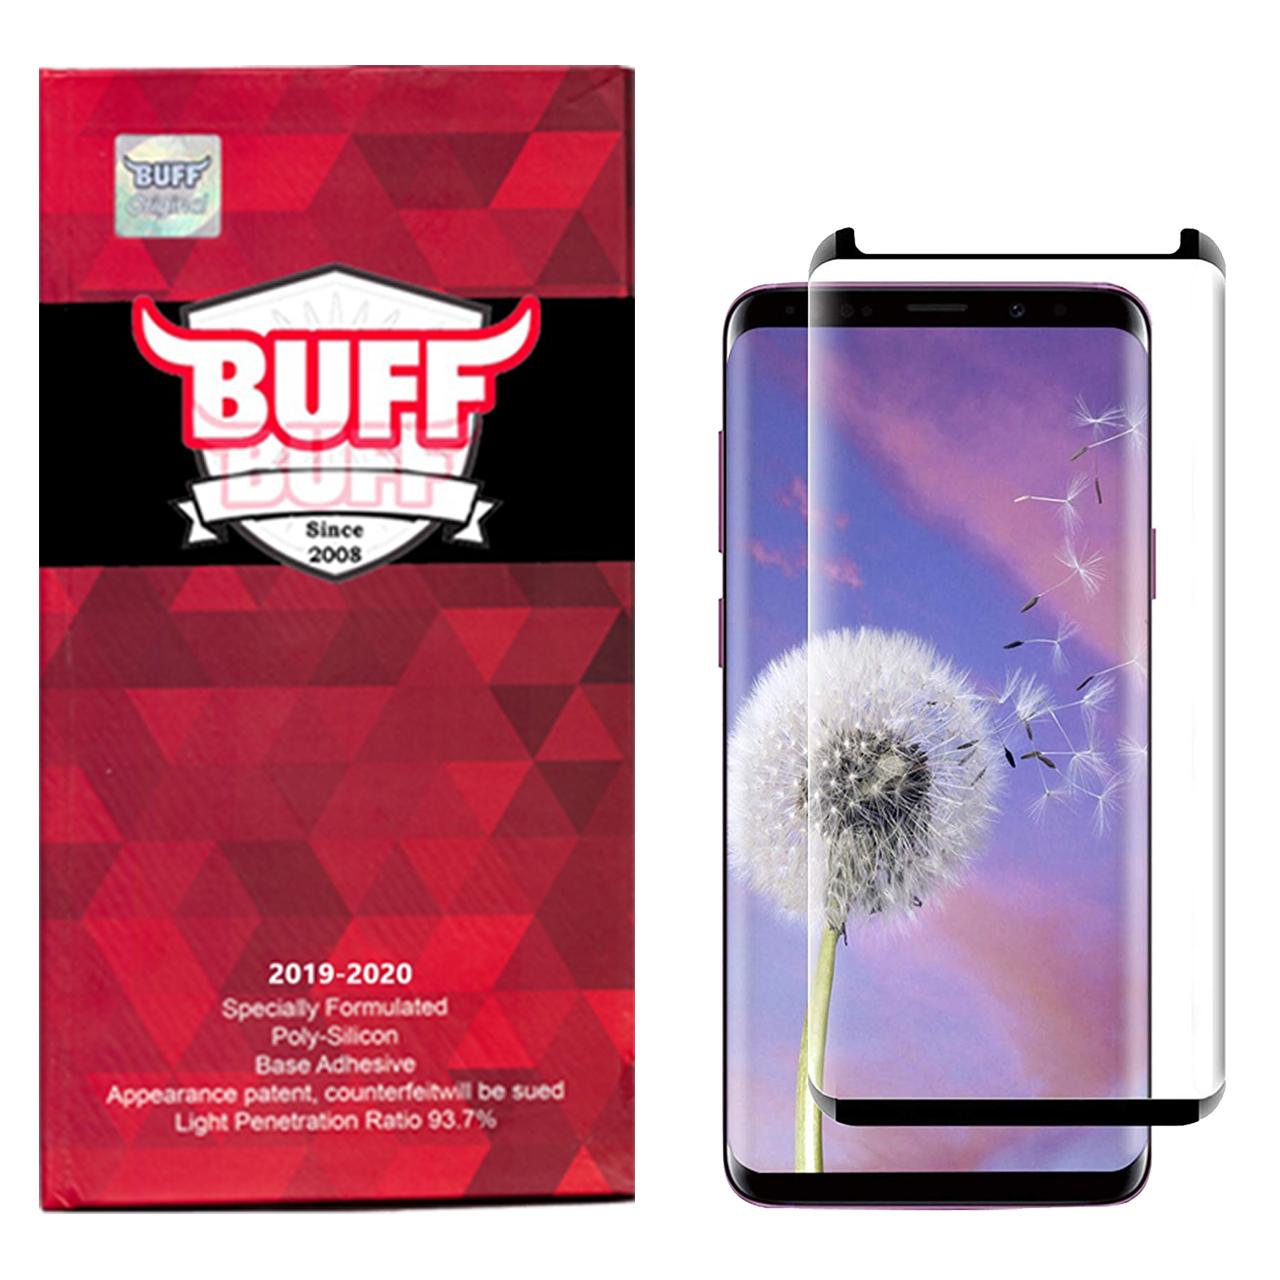 محافظ صفحه نمایش 5D بوف مدل FC33 مناسب برای گوشی موبایل سامسونگ Galaxy S9